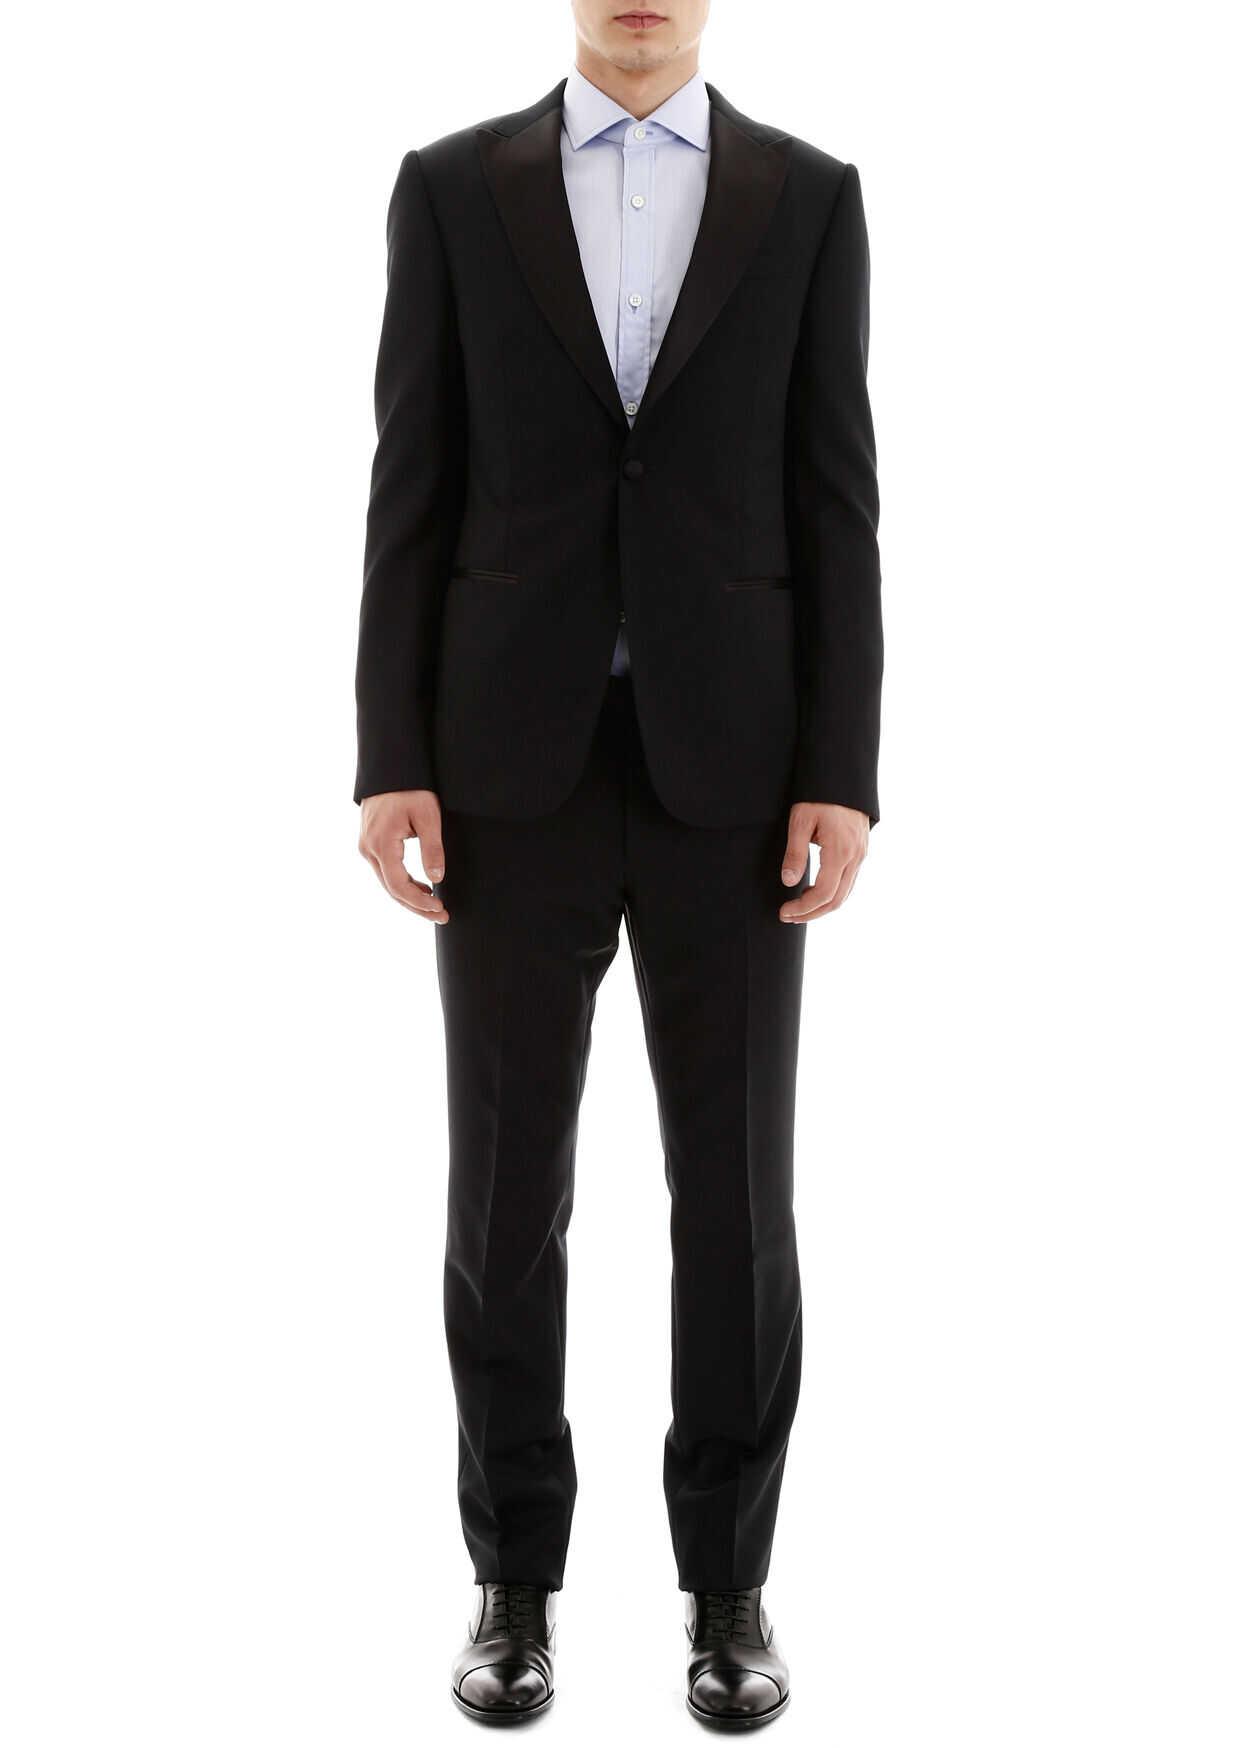 Two-Piece Tuxedo